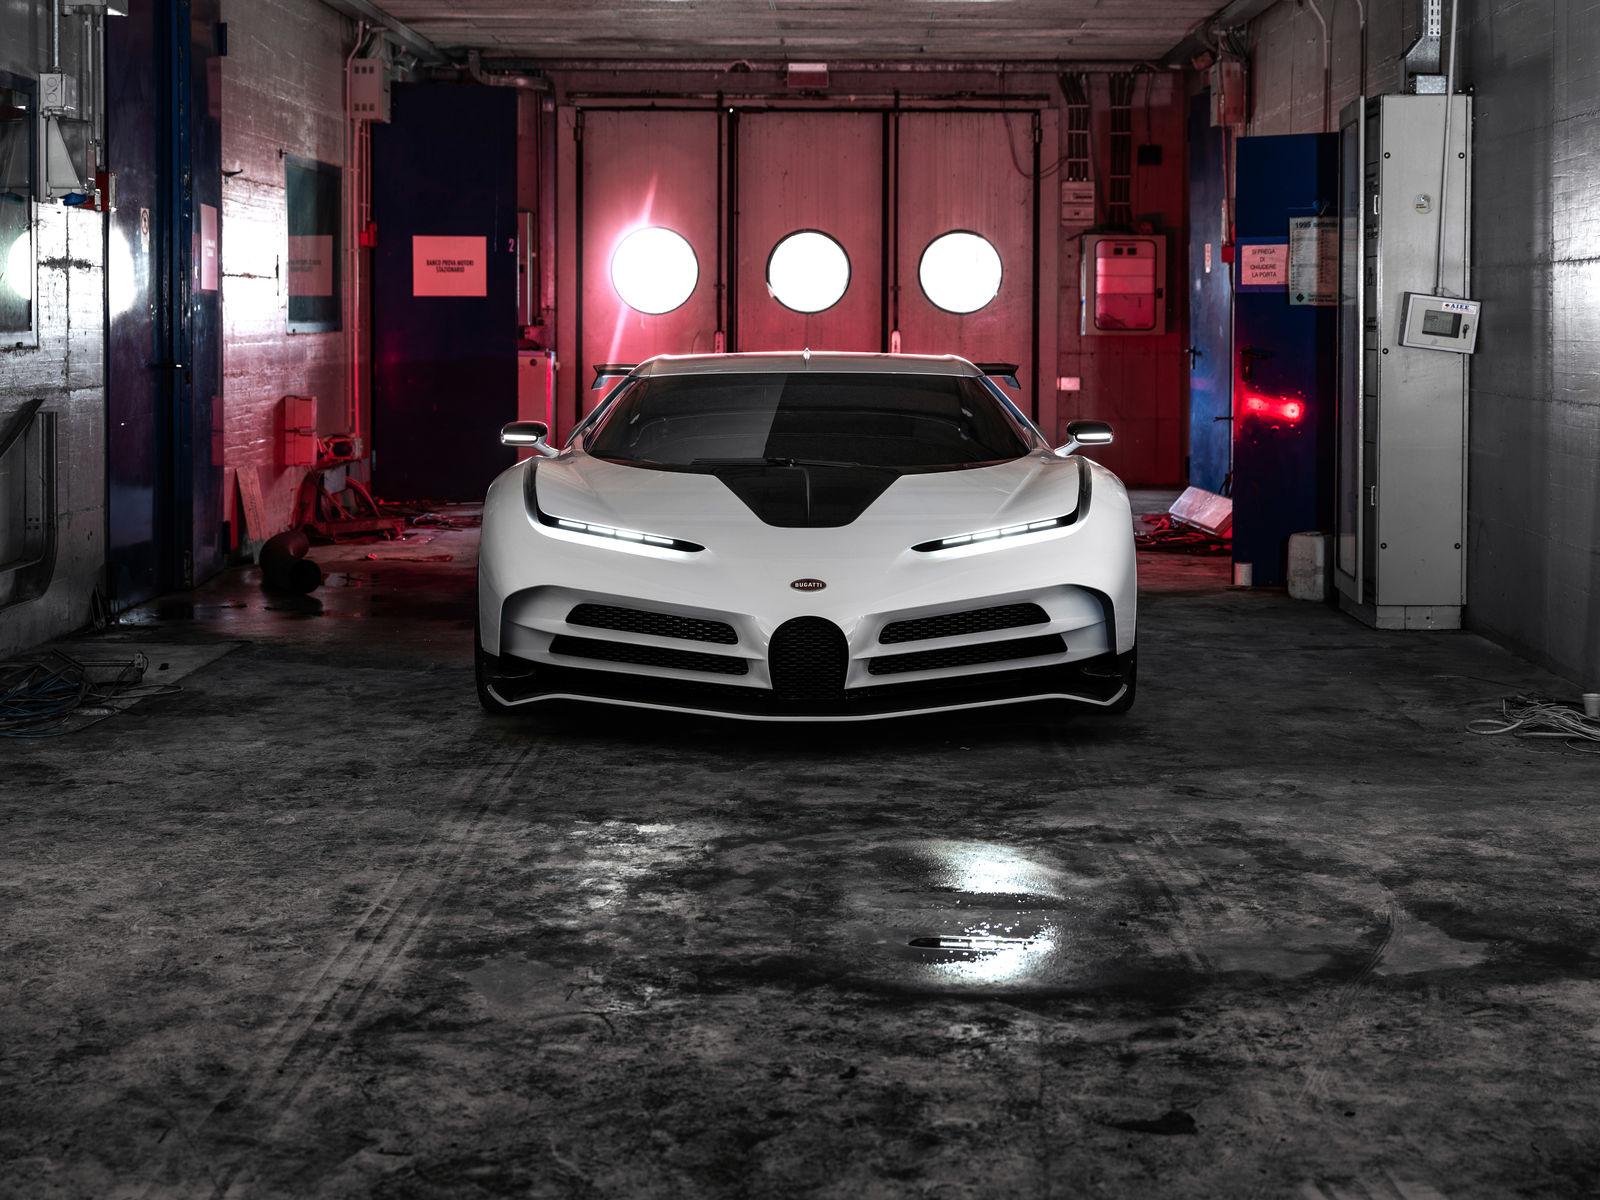 Bugatti Centodieci price in Nigeria